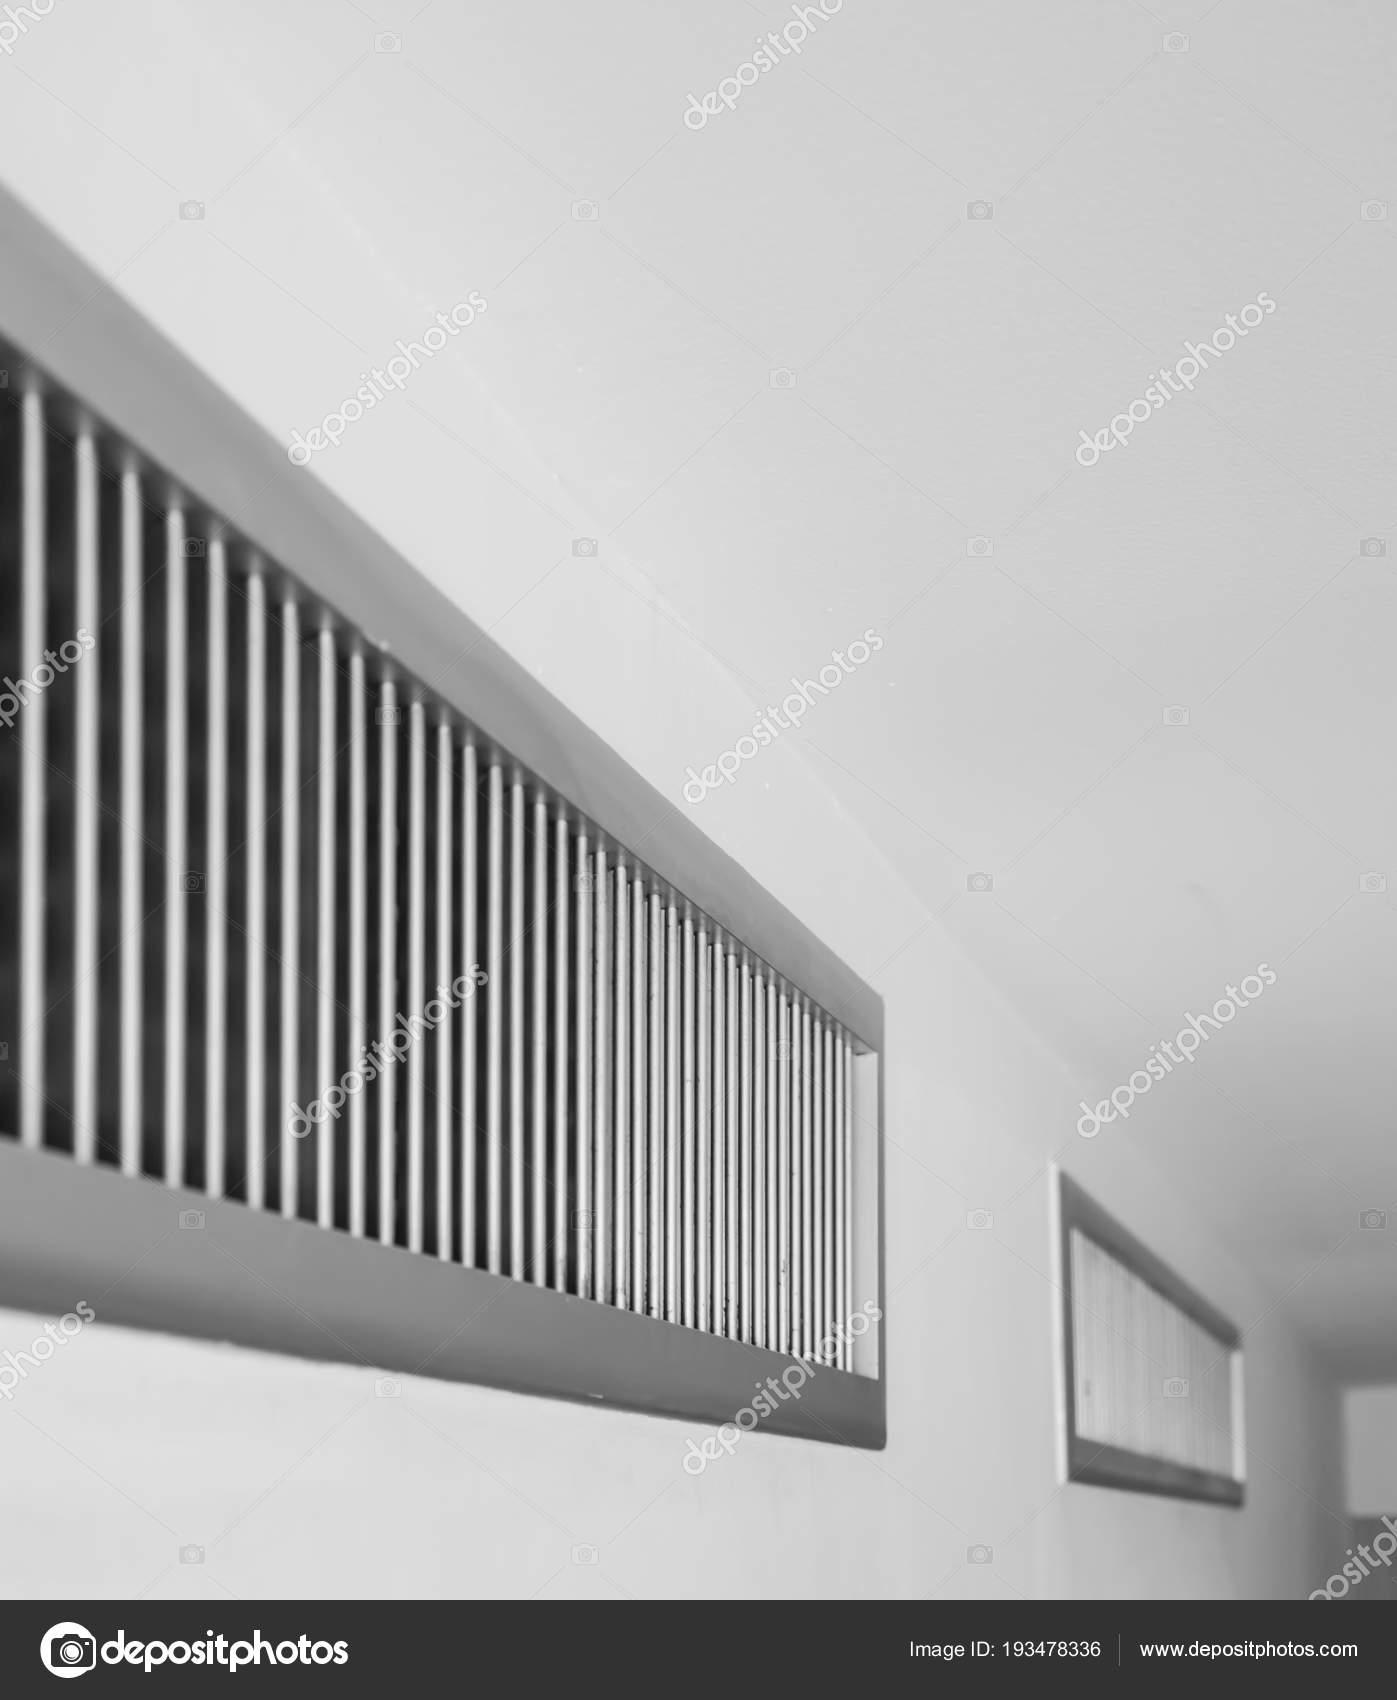 ventilador de aire, marco de listón metálico de pared blanca — Foto ...